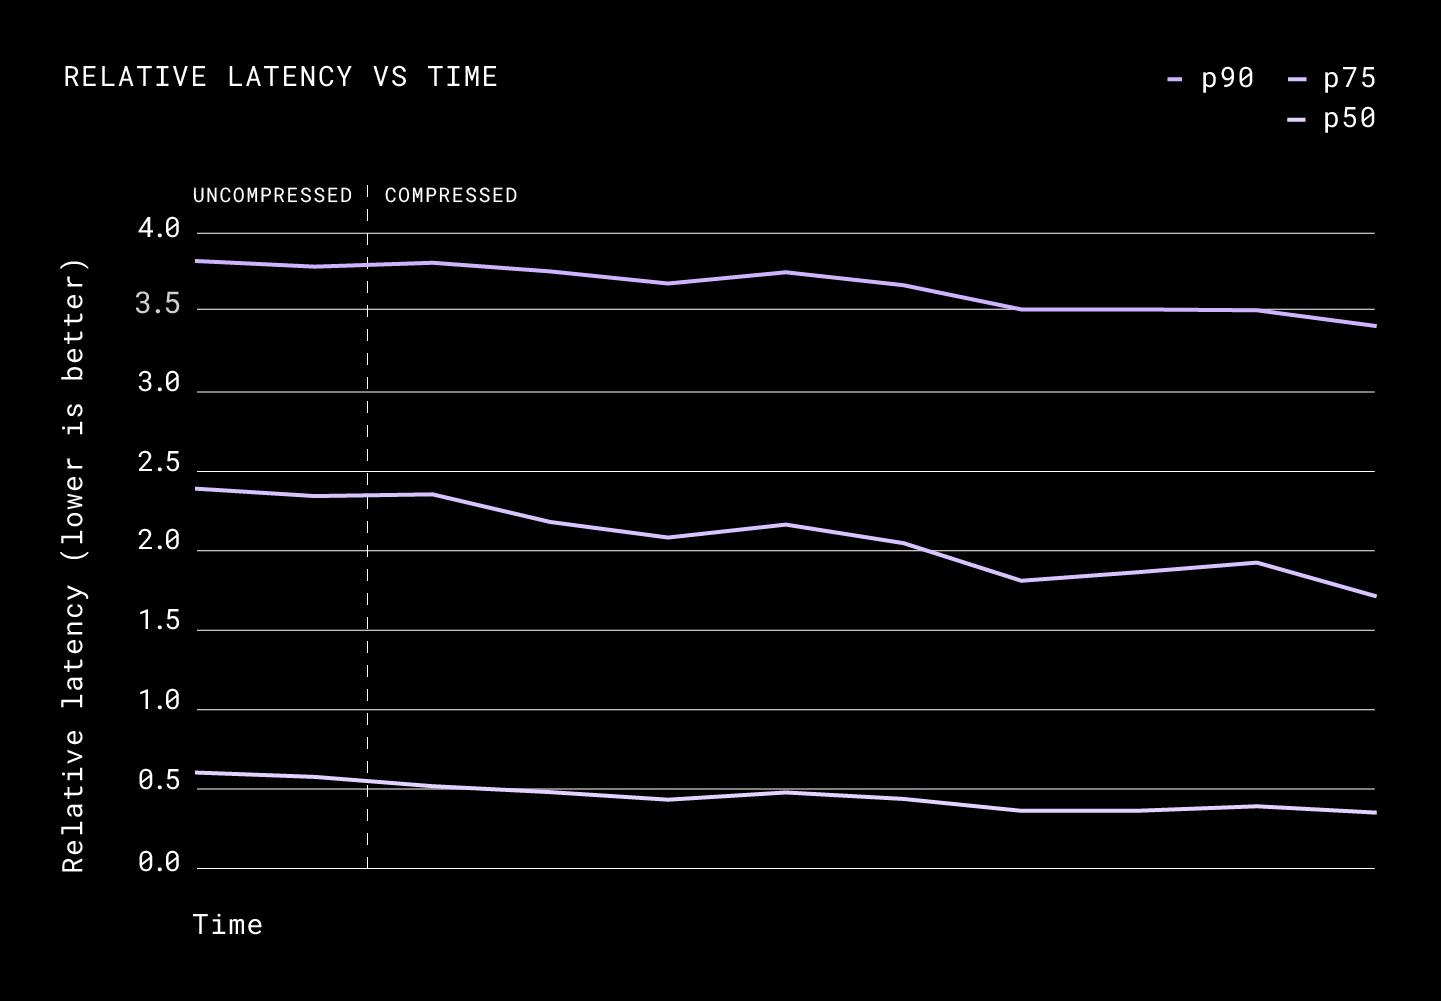 Relative Latency vs Time